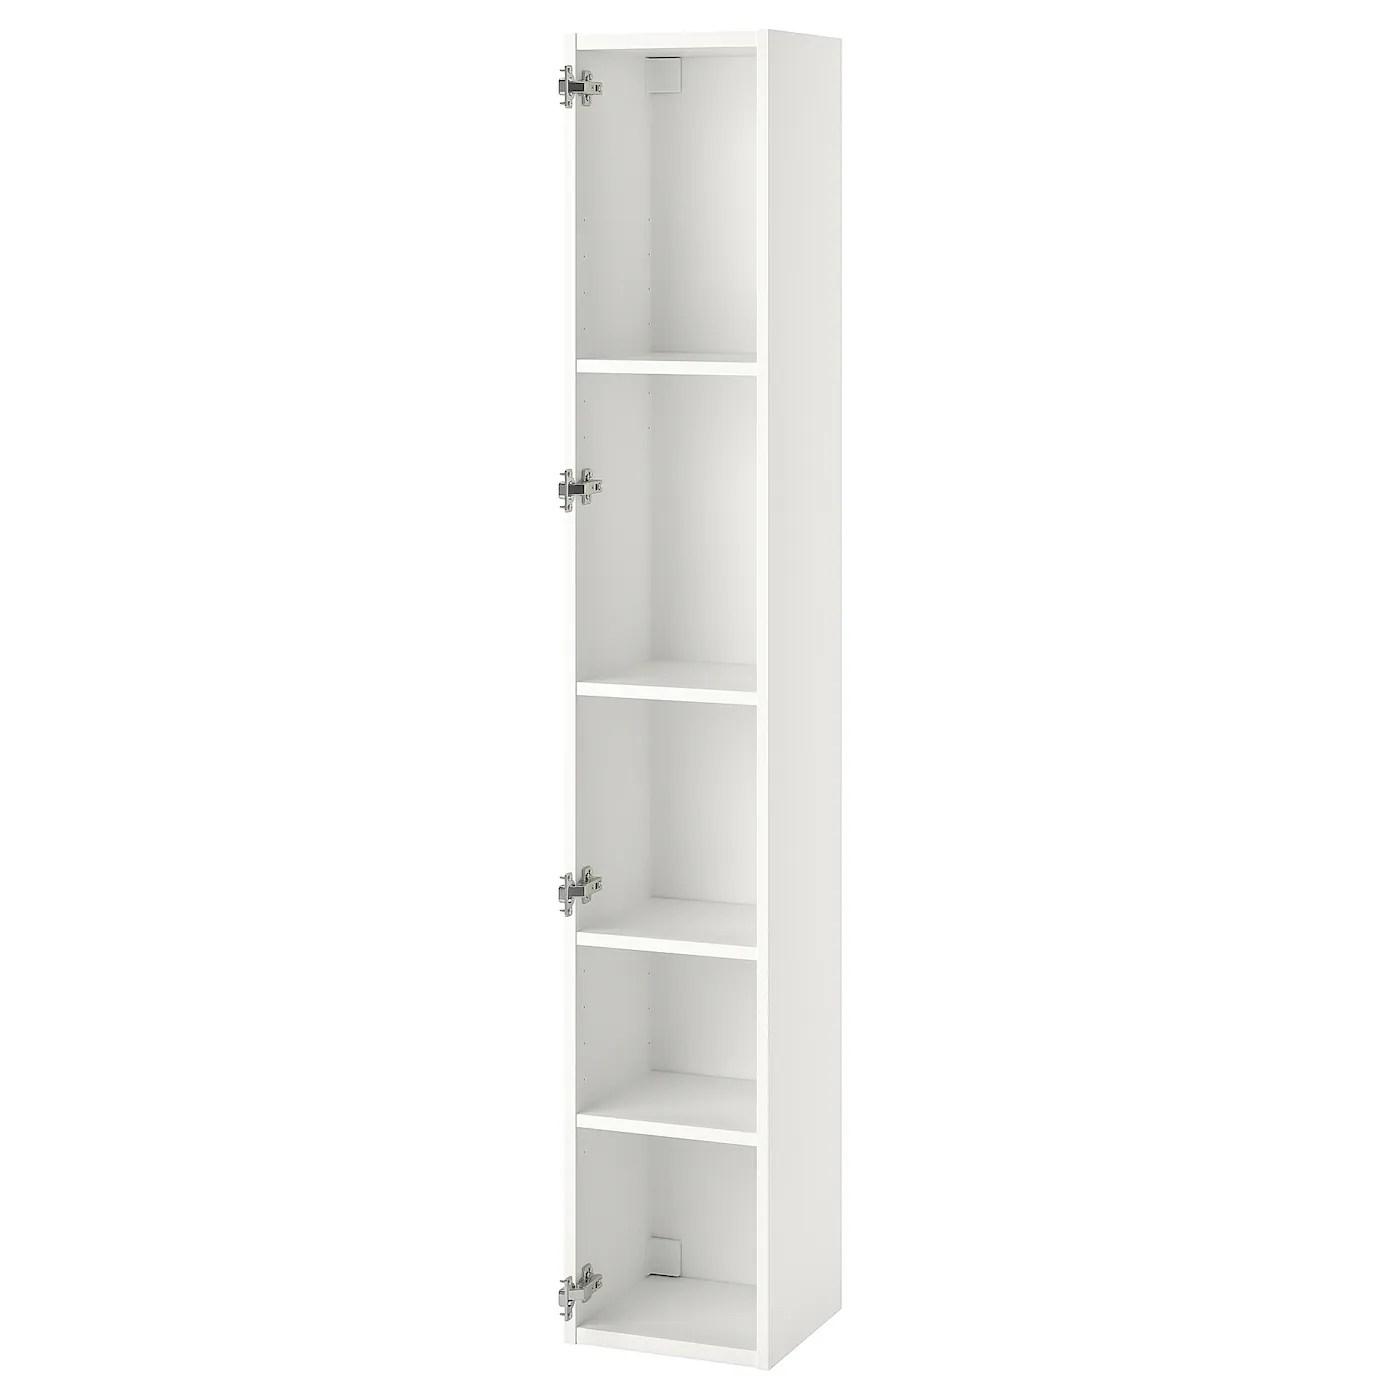 Per alcuni mobili la garanzia è di 10 anni, come anche per i miscelatori per la cucina. Enhet Mobile Alto Con 4 Ripiani Bianco 30x30x180 Cm Ikea It